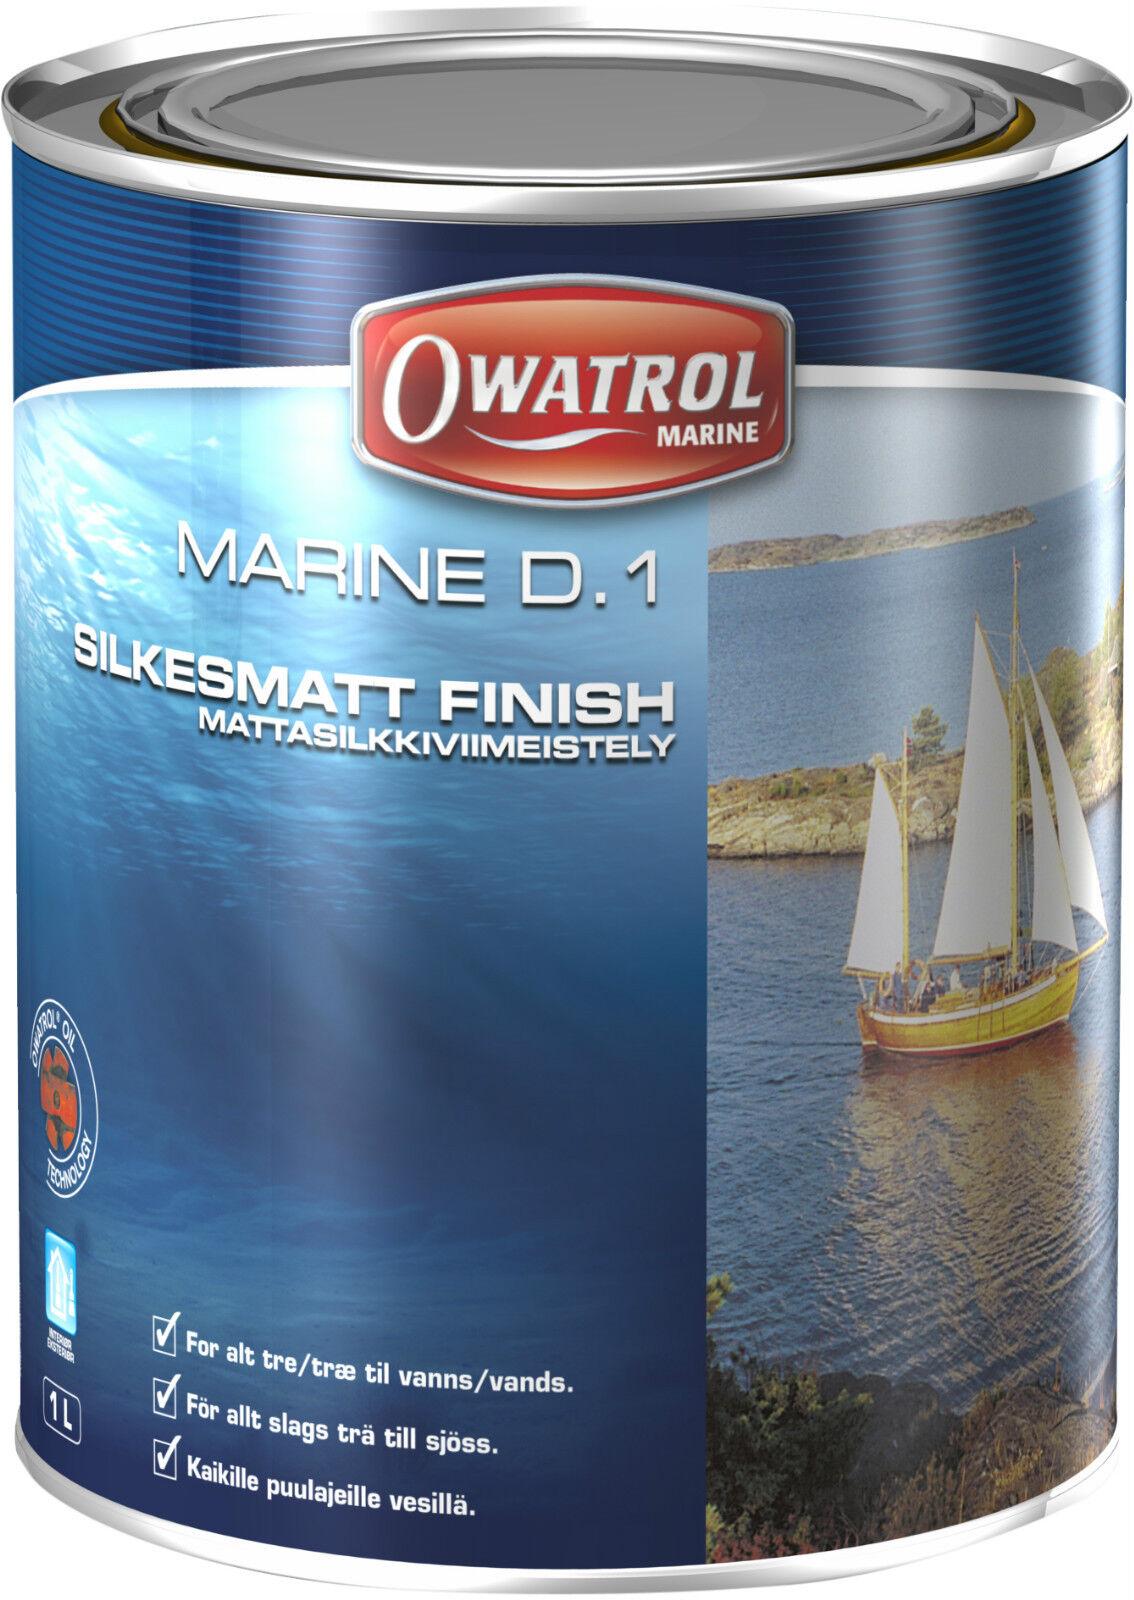 OWATROL Marine D1 Decksöl 2 5 Liter-Dose Tiefenimptägnierung Holzschutz Lack